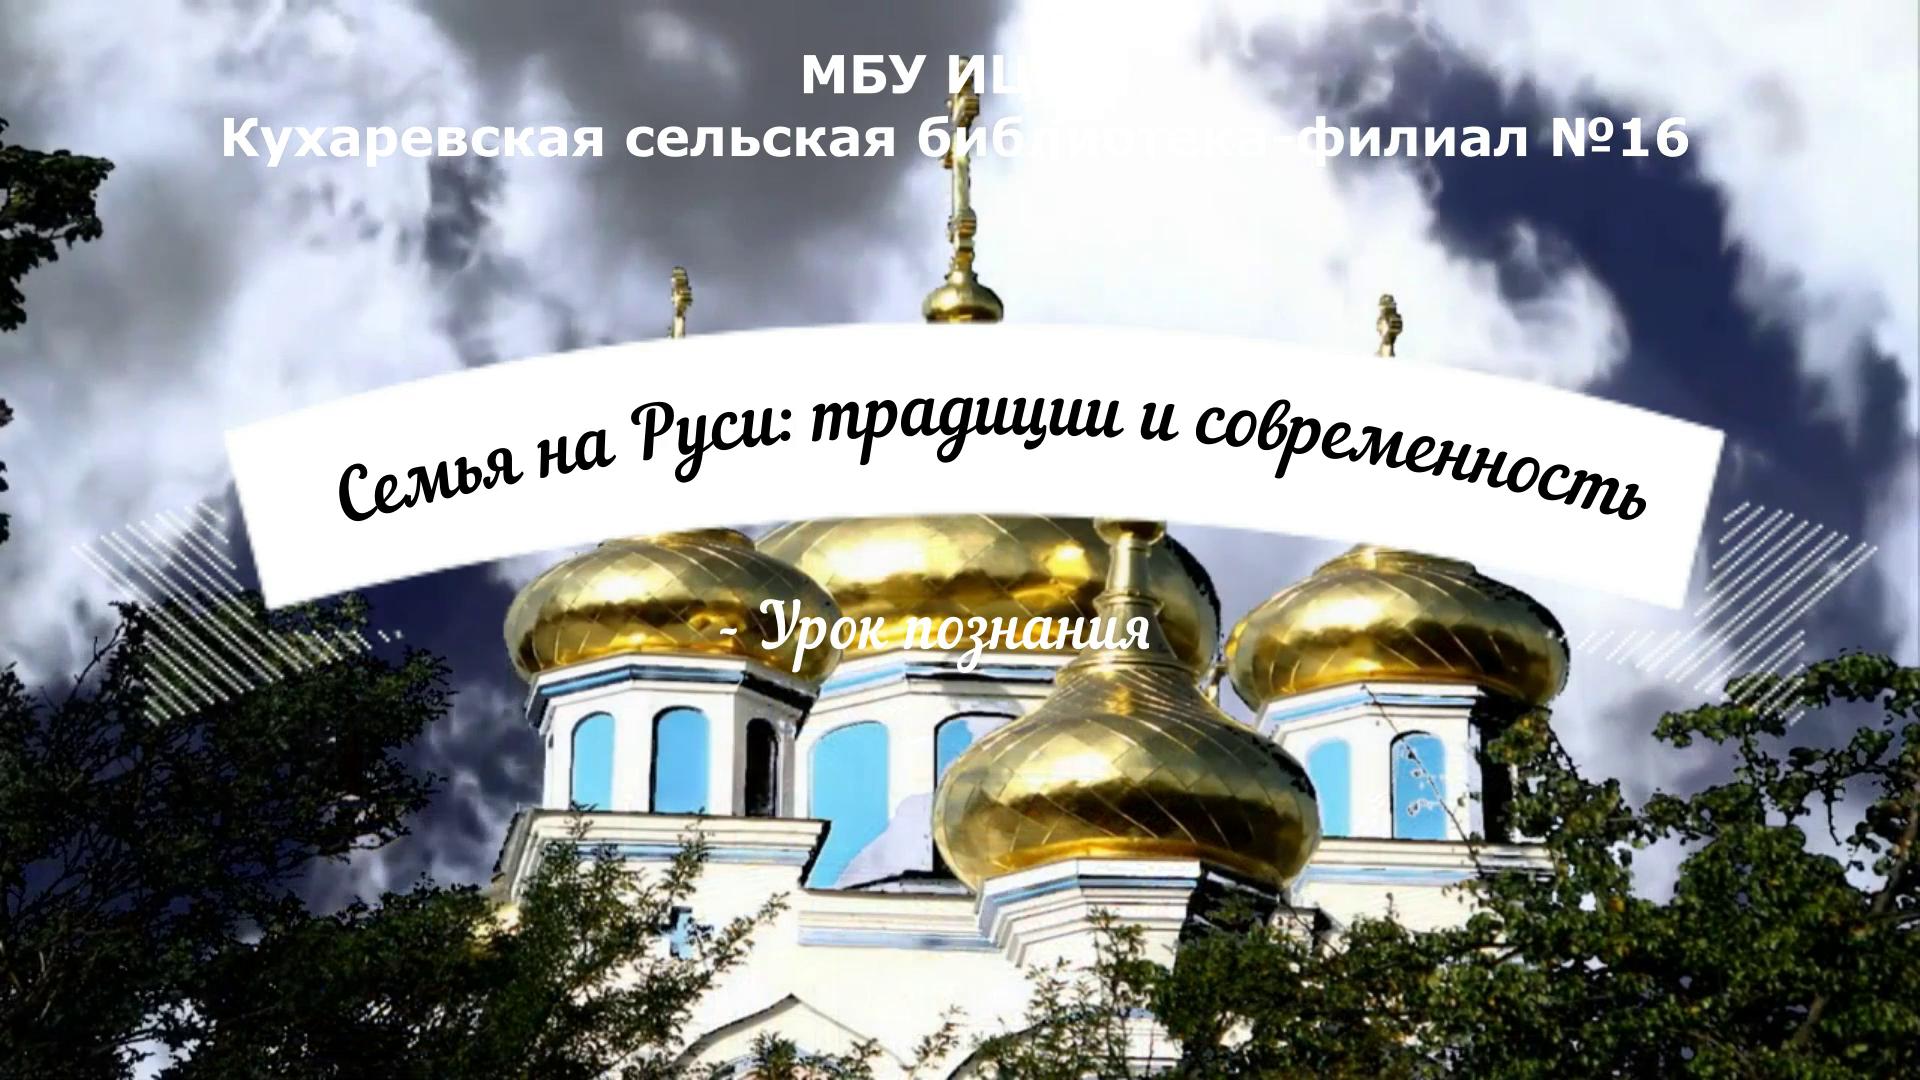 """Урок познания """"Семья на Руси традиции и современность"""""""